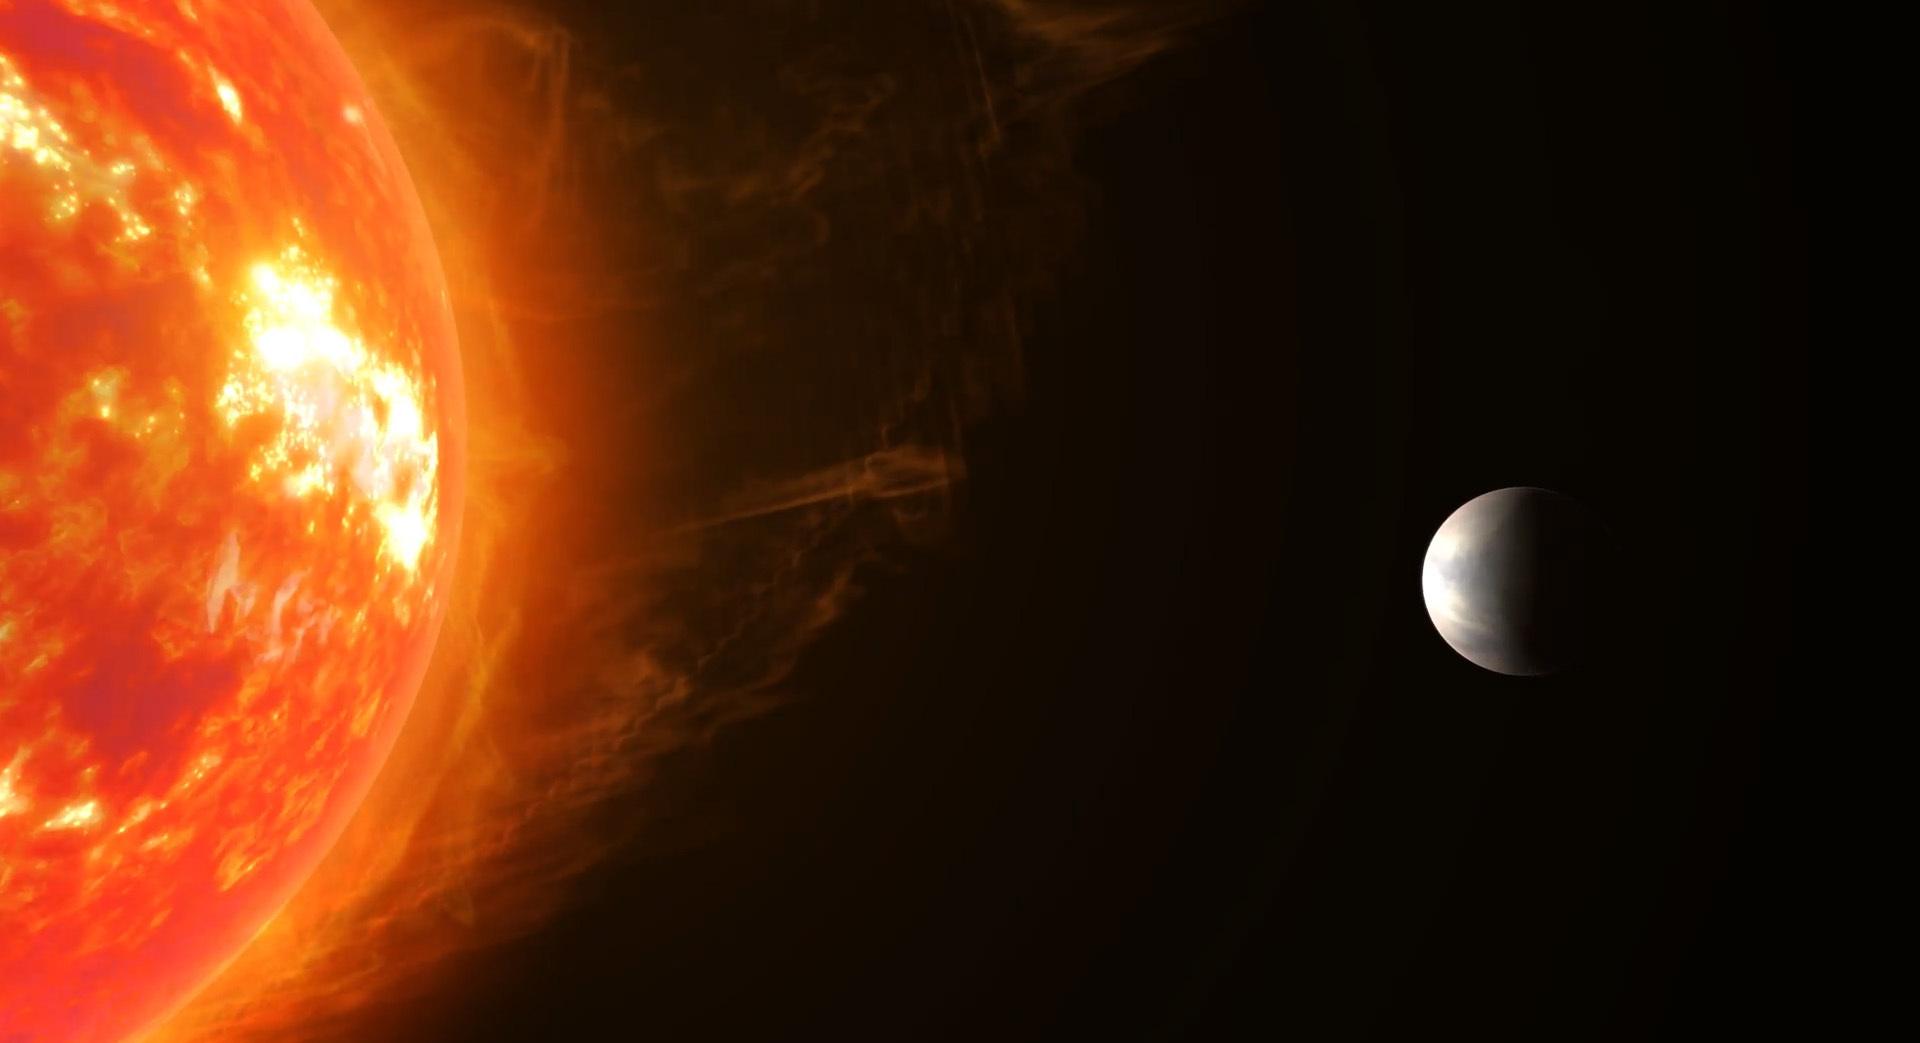 Ученые обнаружили первую экзопланету с видимой атмосферой